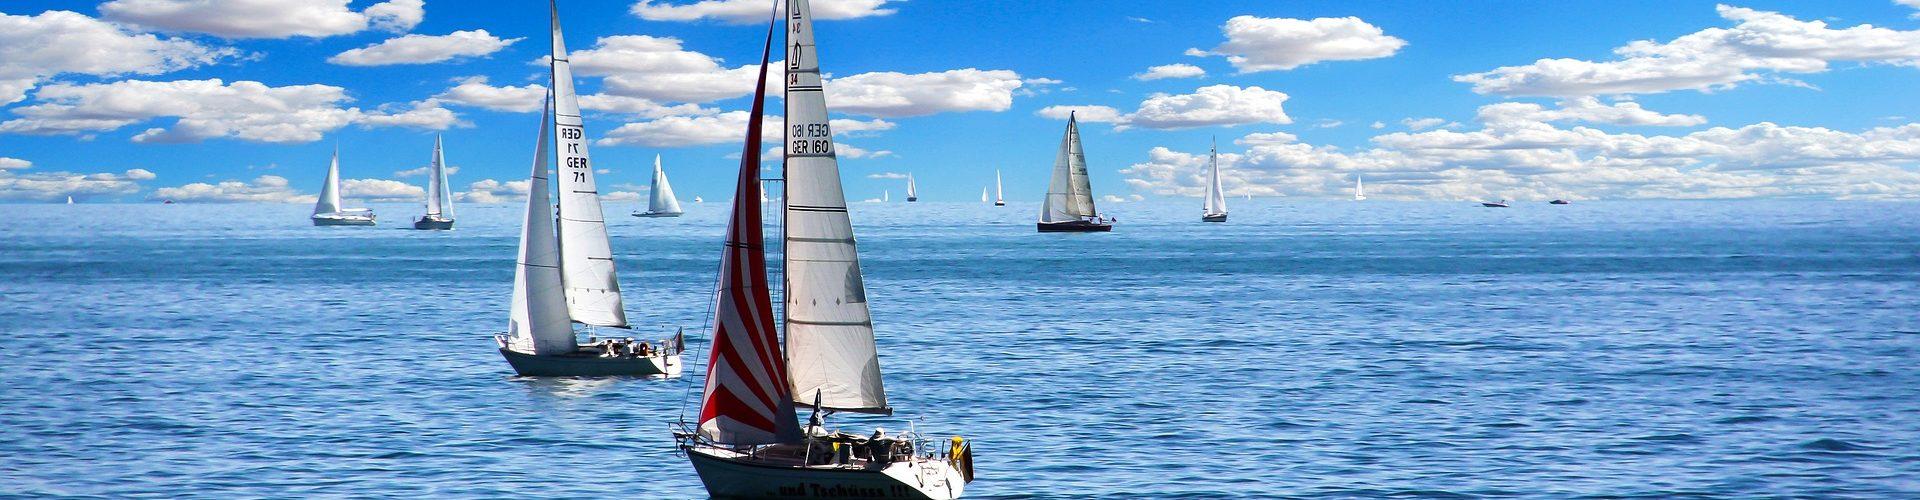 segeln lernen in Werdau segelschein machen in Werdau 1920x500 - Segeln lernen in Werdau